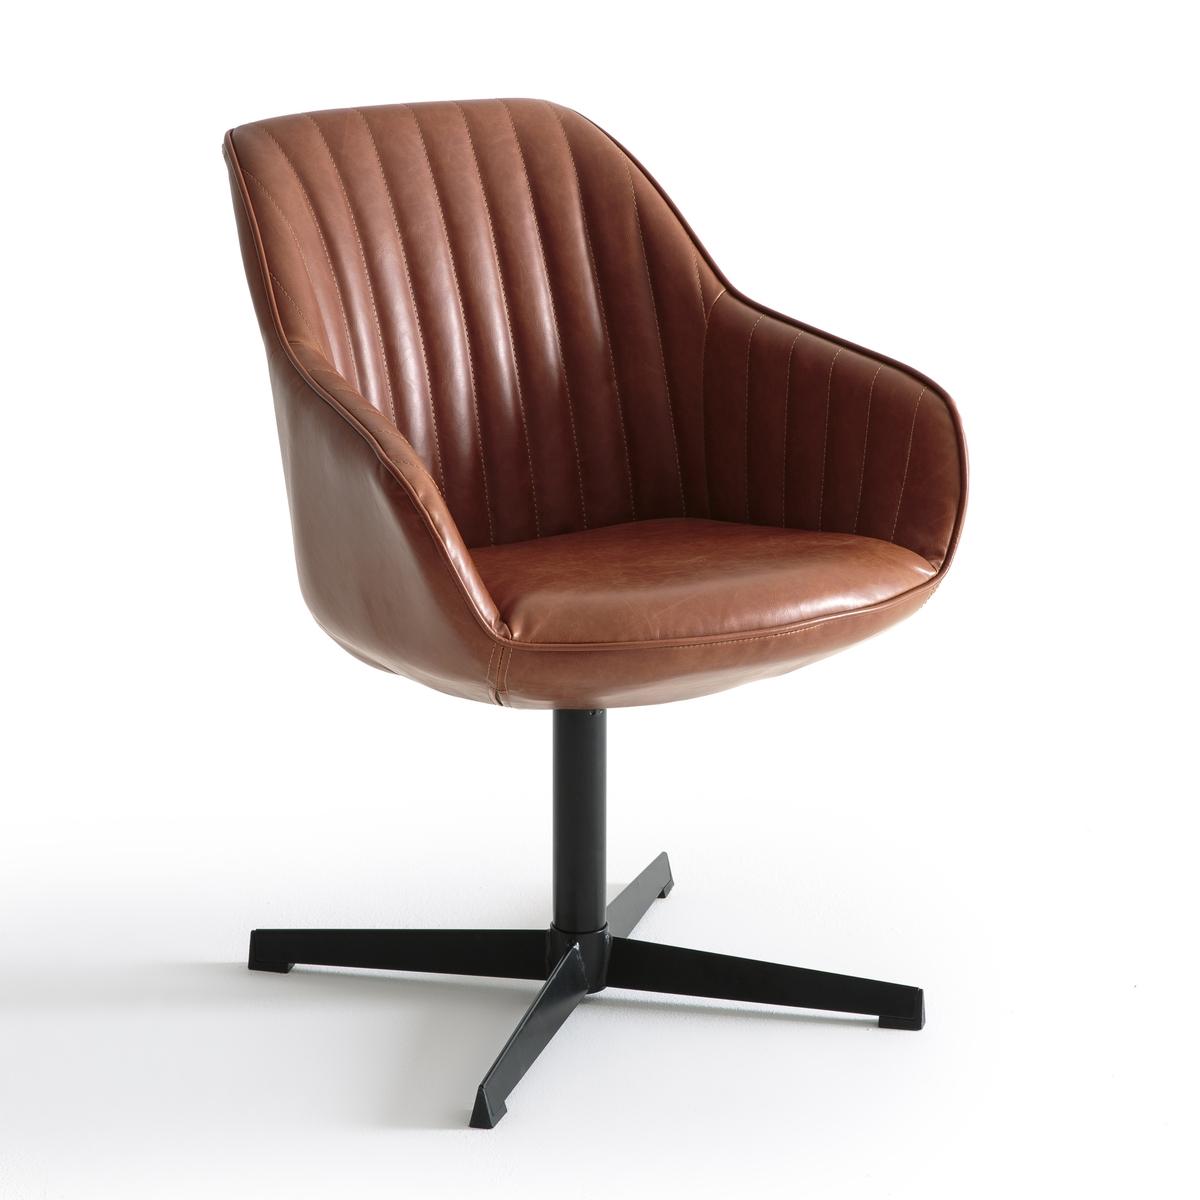 Кресло офисное вращающееся, HibaОфисное кресло Hiba. Простая и комфортная модель офисного кресла Hiba в винтажном стиле, то, что нужно.Описание офисного кресла Hiba :Вращающееся  сиденье без регулировки по высоте .Стеганые сидение и спинка.Отделка с наружной прошивкой  .Характеристики офисного кресла Hiba :Корпус из фанеры и стали с наполнителем из полиуретановой пены 30 г/м? и волокон полиэстера.Обивка из полиэстера с пропиткой из полиуретана.Стальные ножки с покрытием эпоксидной краской черного цвета.Всю коллекцию Hiba вы можете найти на сайте laredoute.ru.Размеры офисного кресла Hiba :Общие Ширина : 64 смВысота : 79,5 смДлина : 65,5 смСиденье : В.44 смРазмеры и вес упаковки:1 упаковкаШ.62,5 x В.53 x Г.58 см11 кгДоставка :Офисное кресло Hiba поставляется в разобранном виде. Возможна доставка до квартиры по предварительной договоренности  !Внимание ! Убедитесь, что дверные, лестничные и лифтовые проемы позволяют осуществить доставку коробки таких габаритов.<br><br>Цвет: коньячный